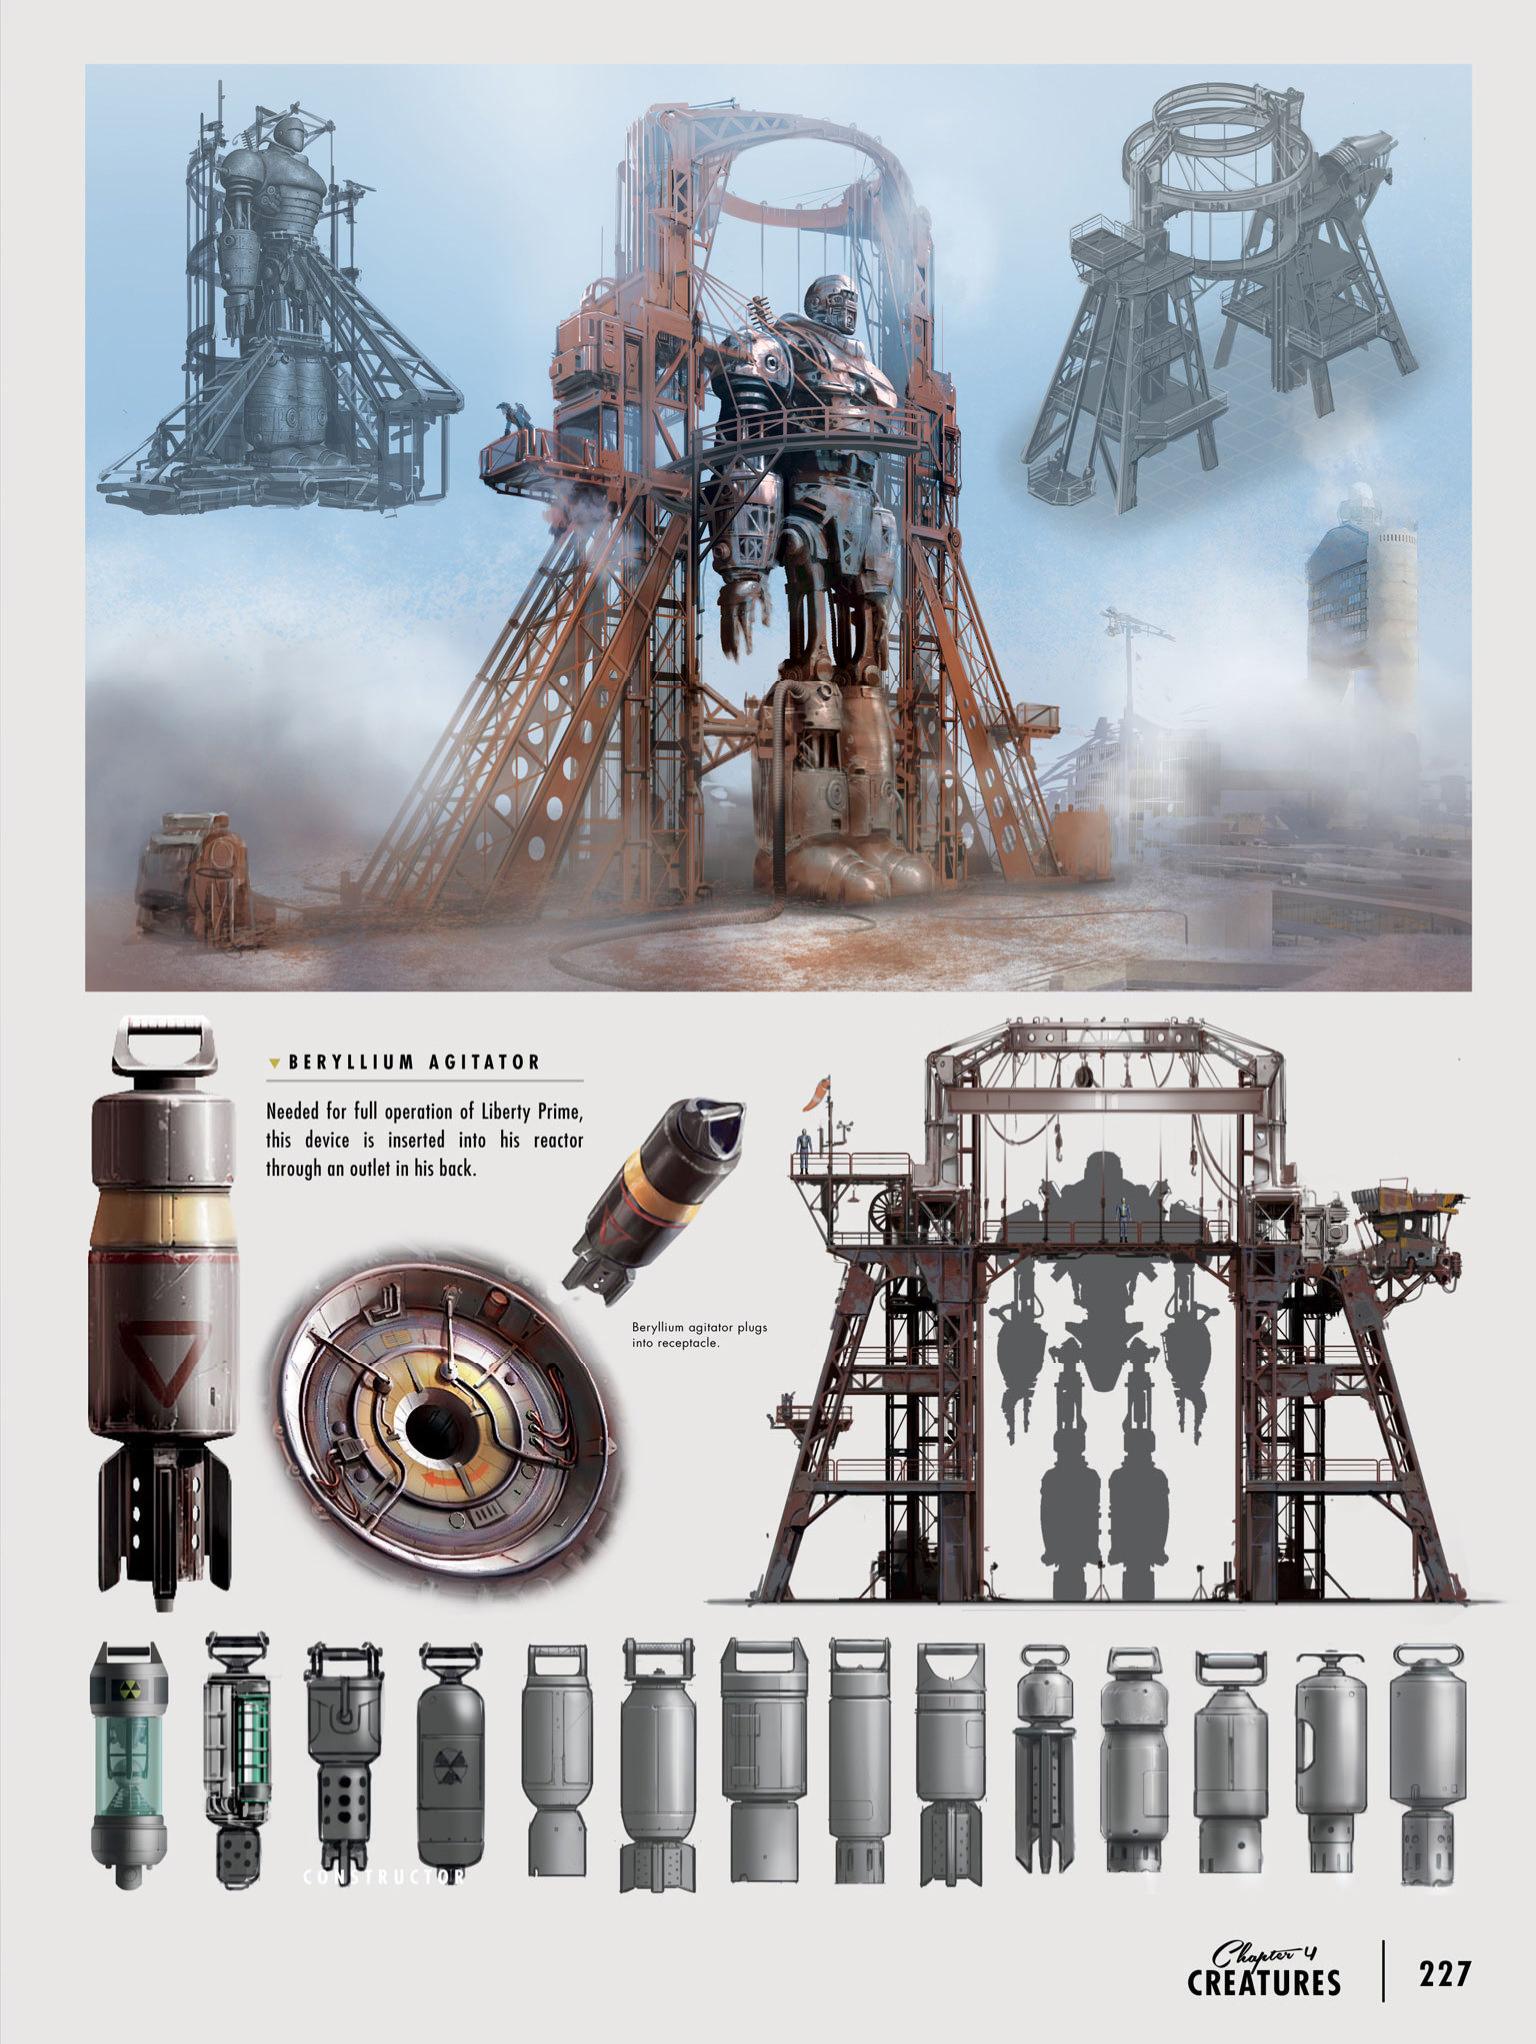 Beryllium agitator concept art